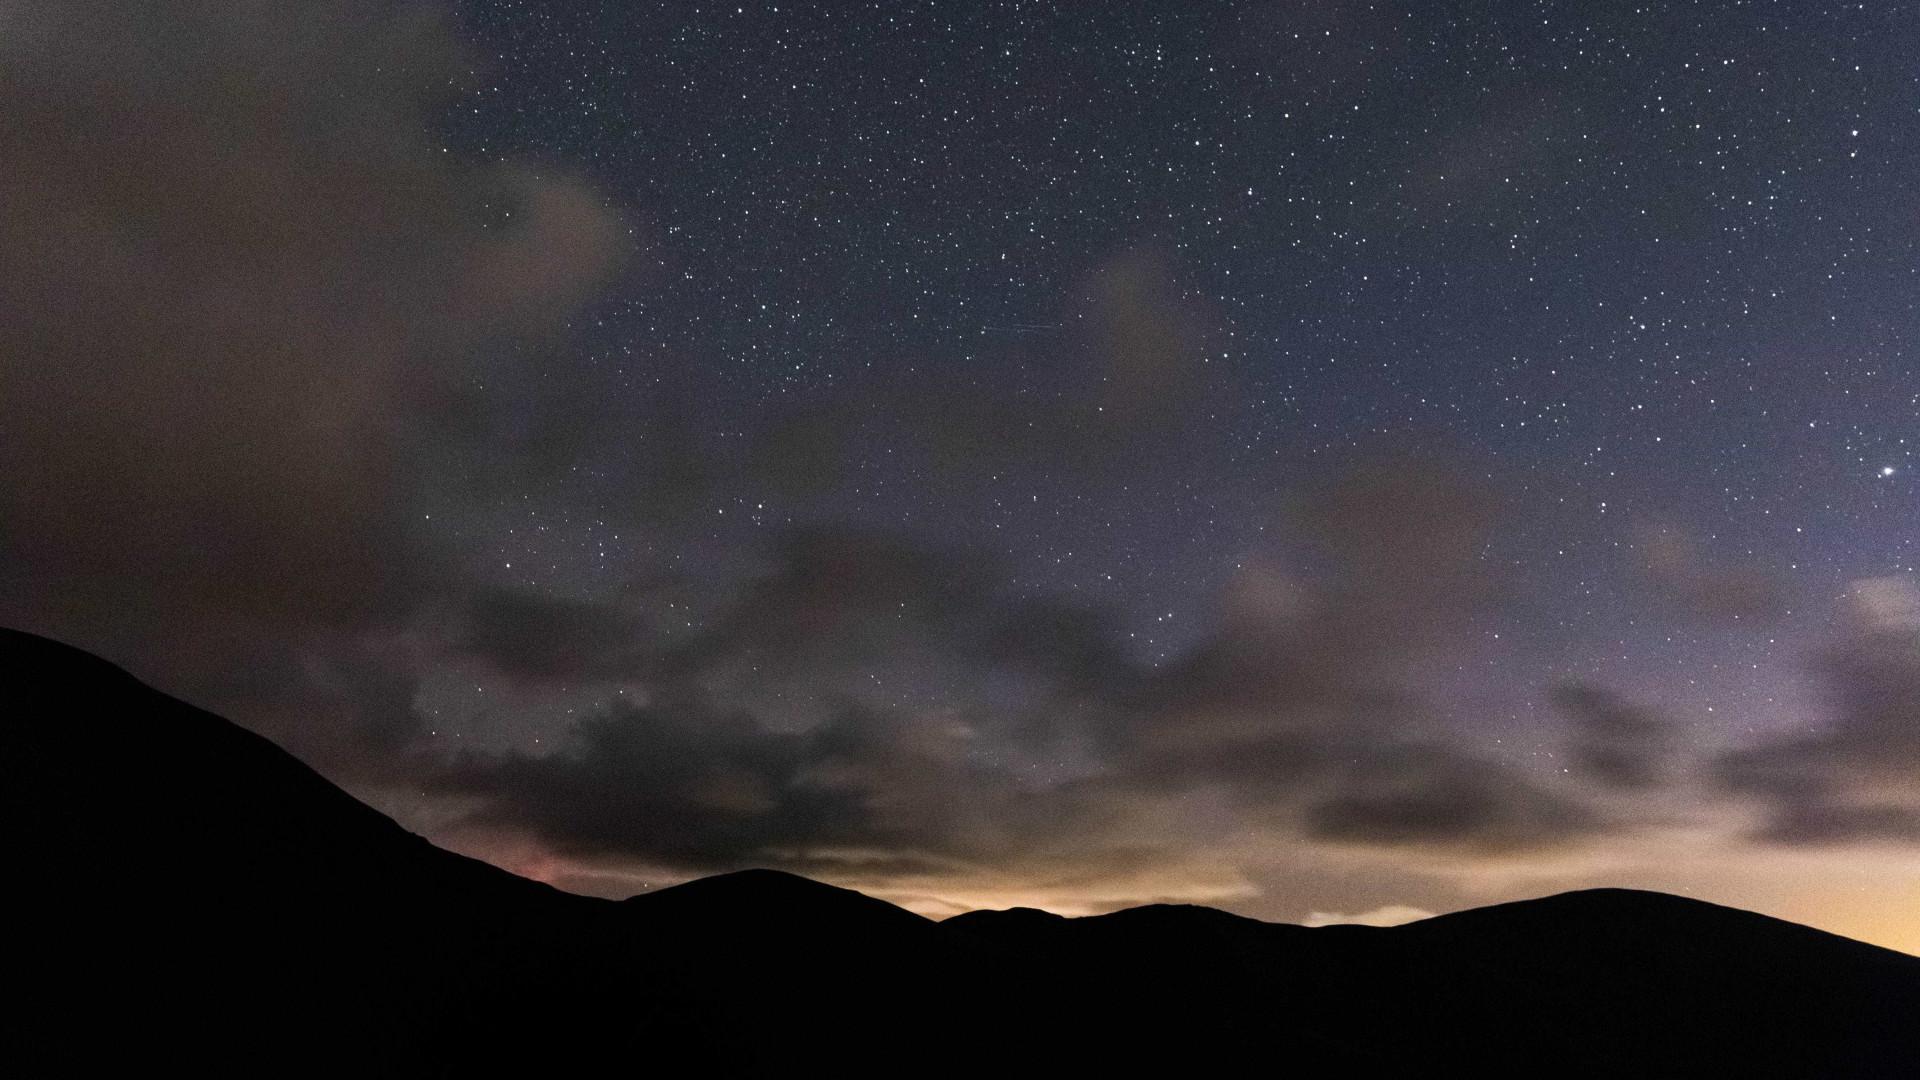 Astrônomos mapeiam explosão estelar em alta resolução